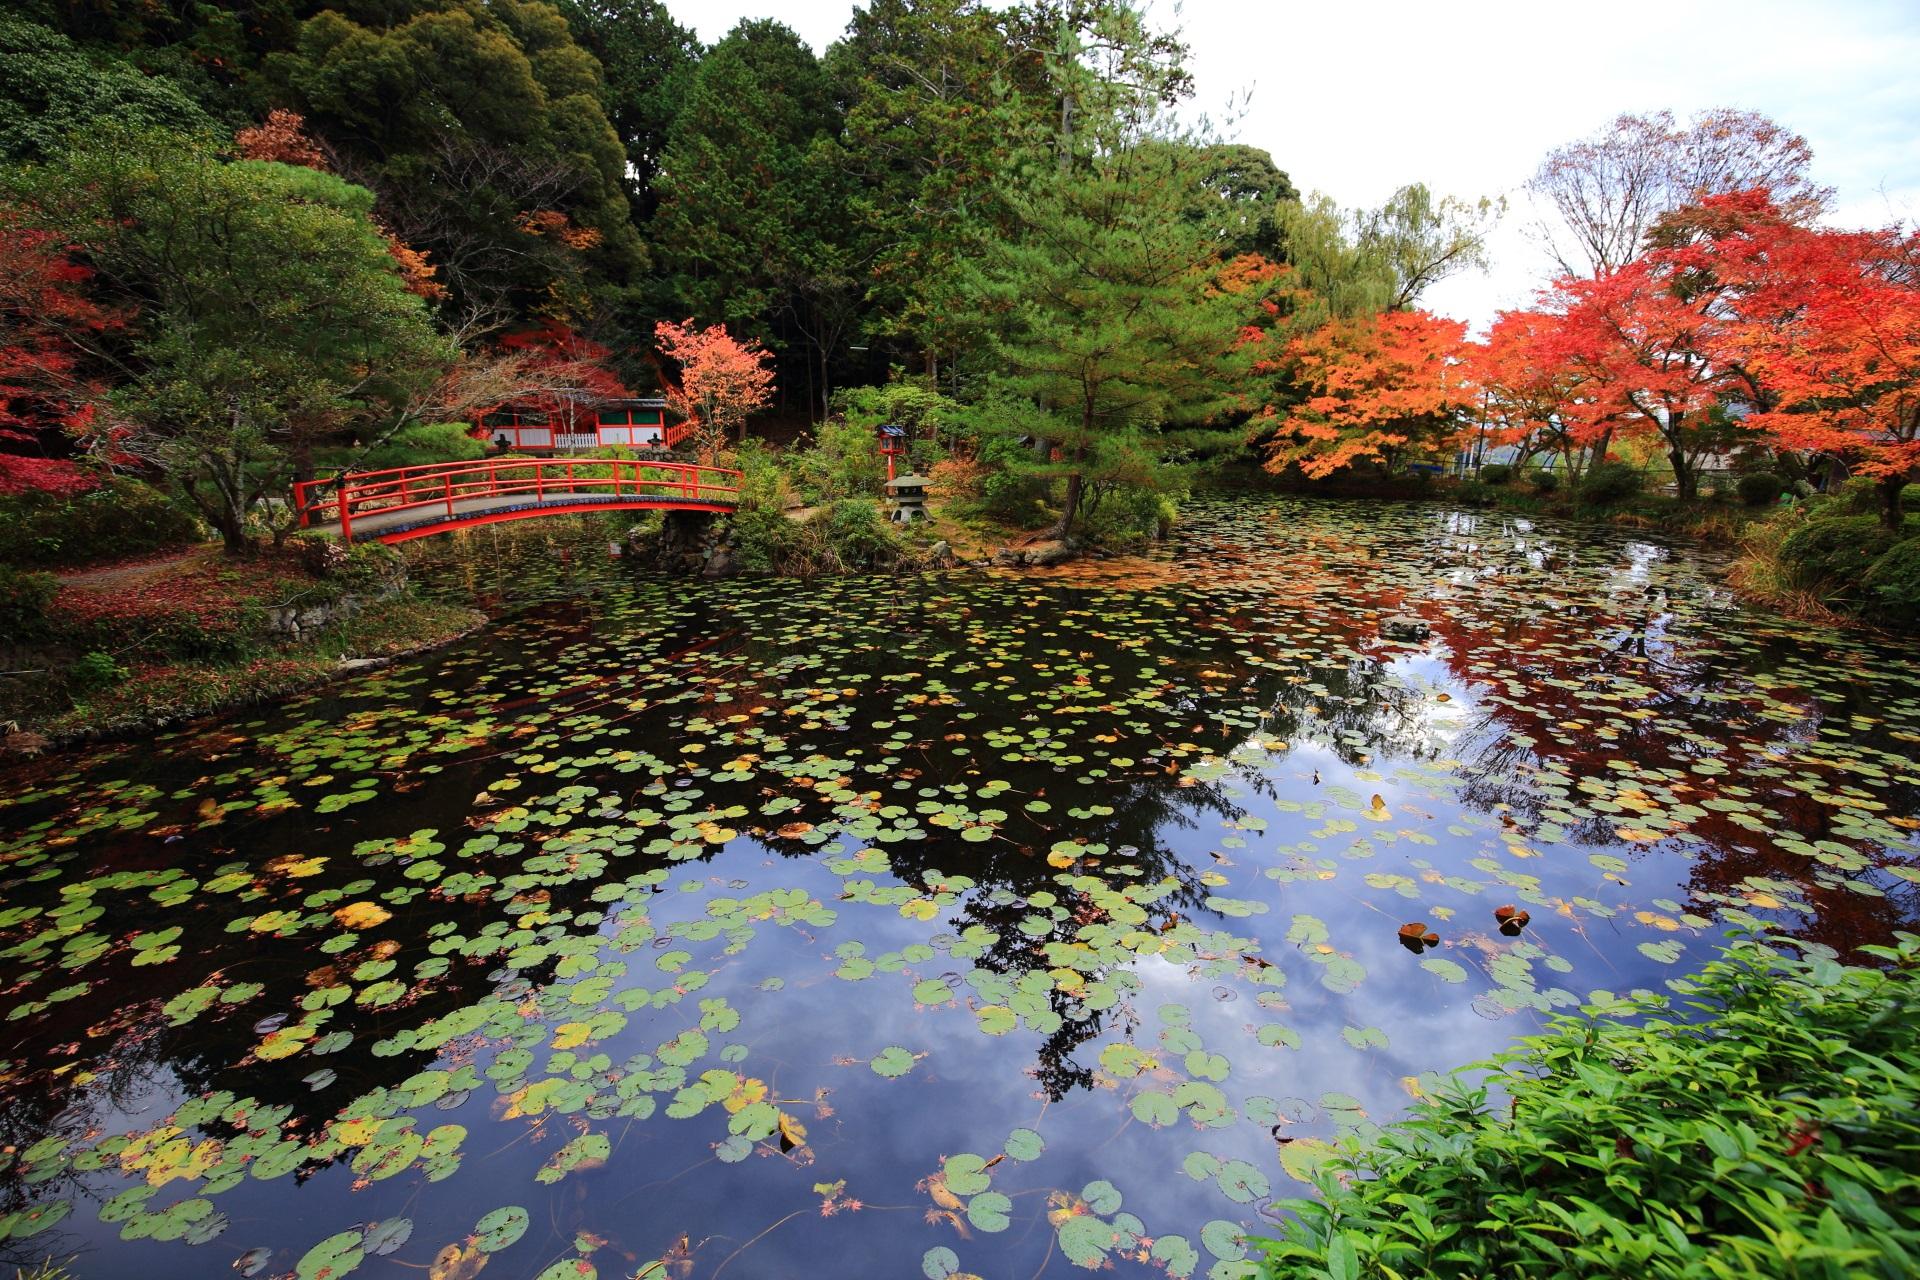 華やかな紅葉と睡蓮の葉が綺麗な鯉沢の池